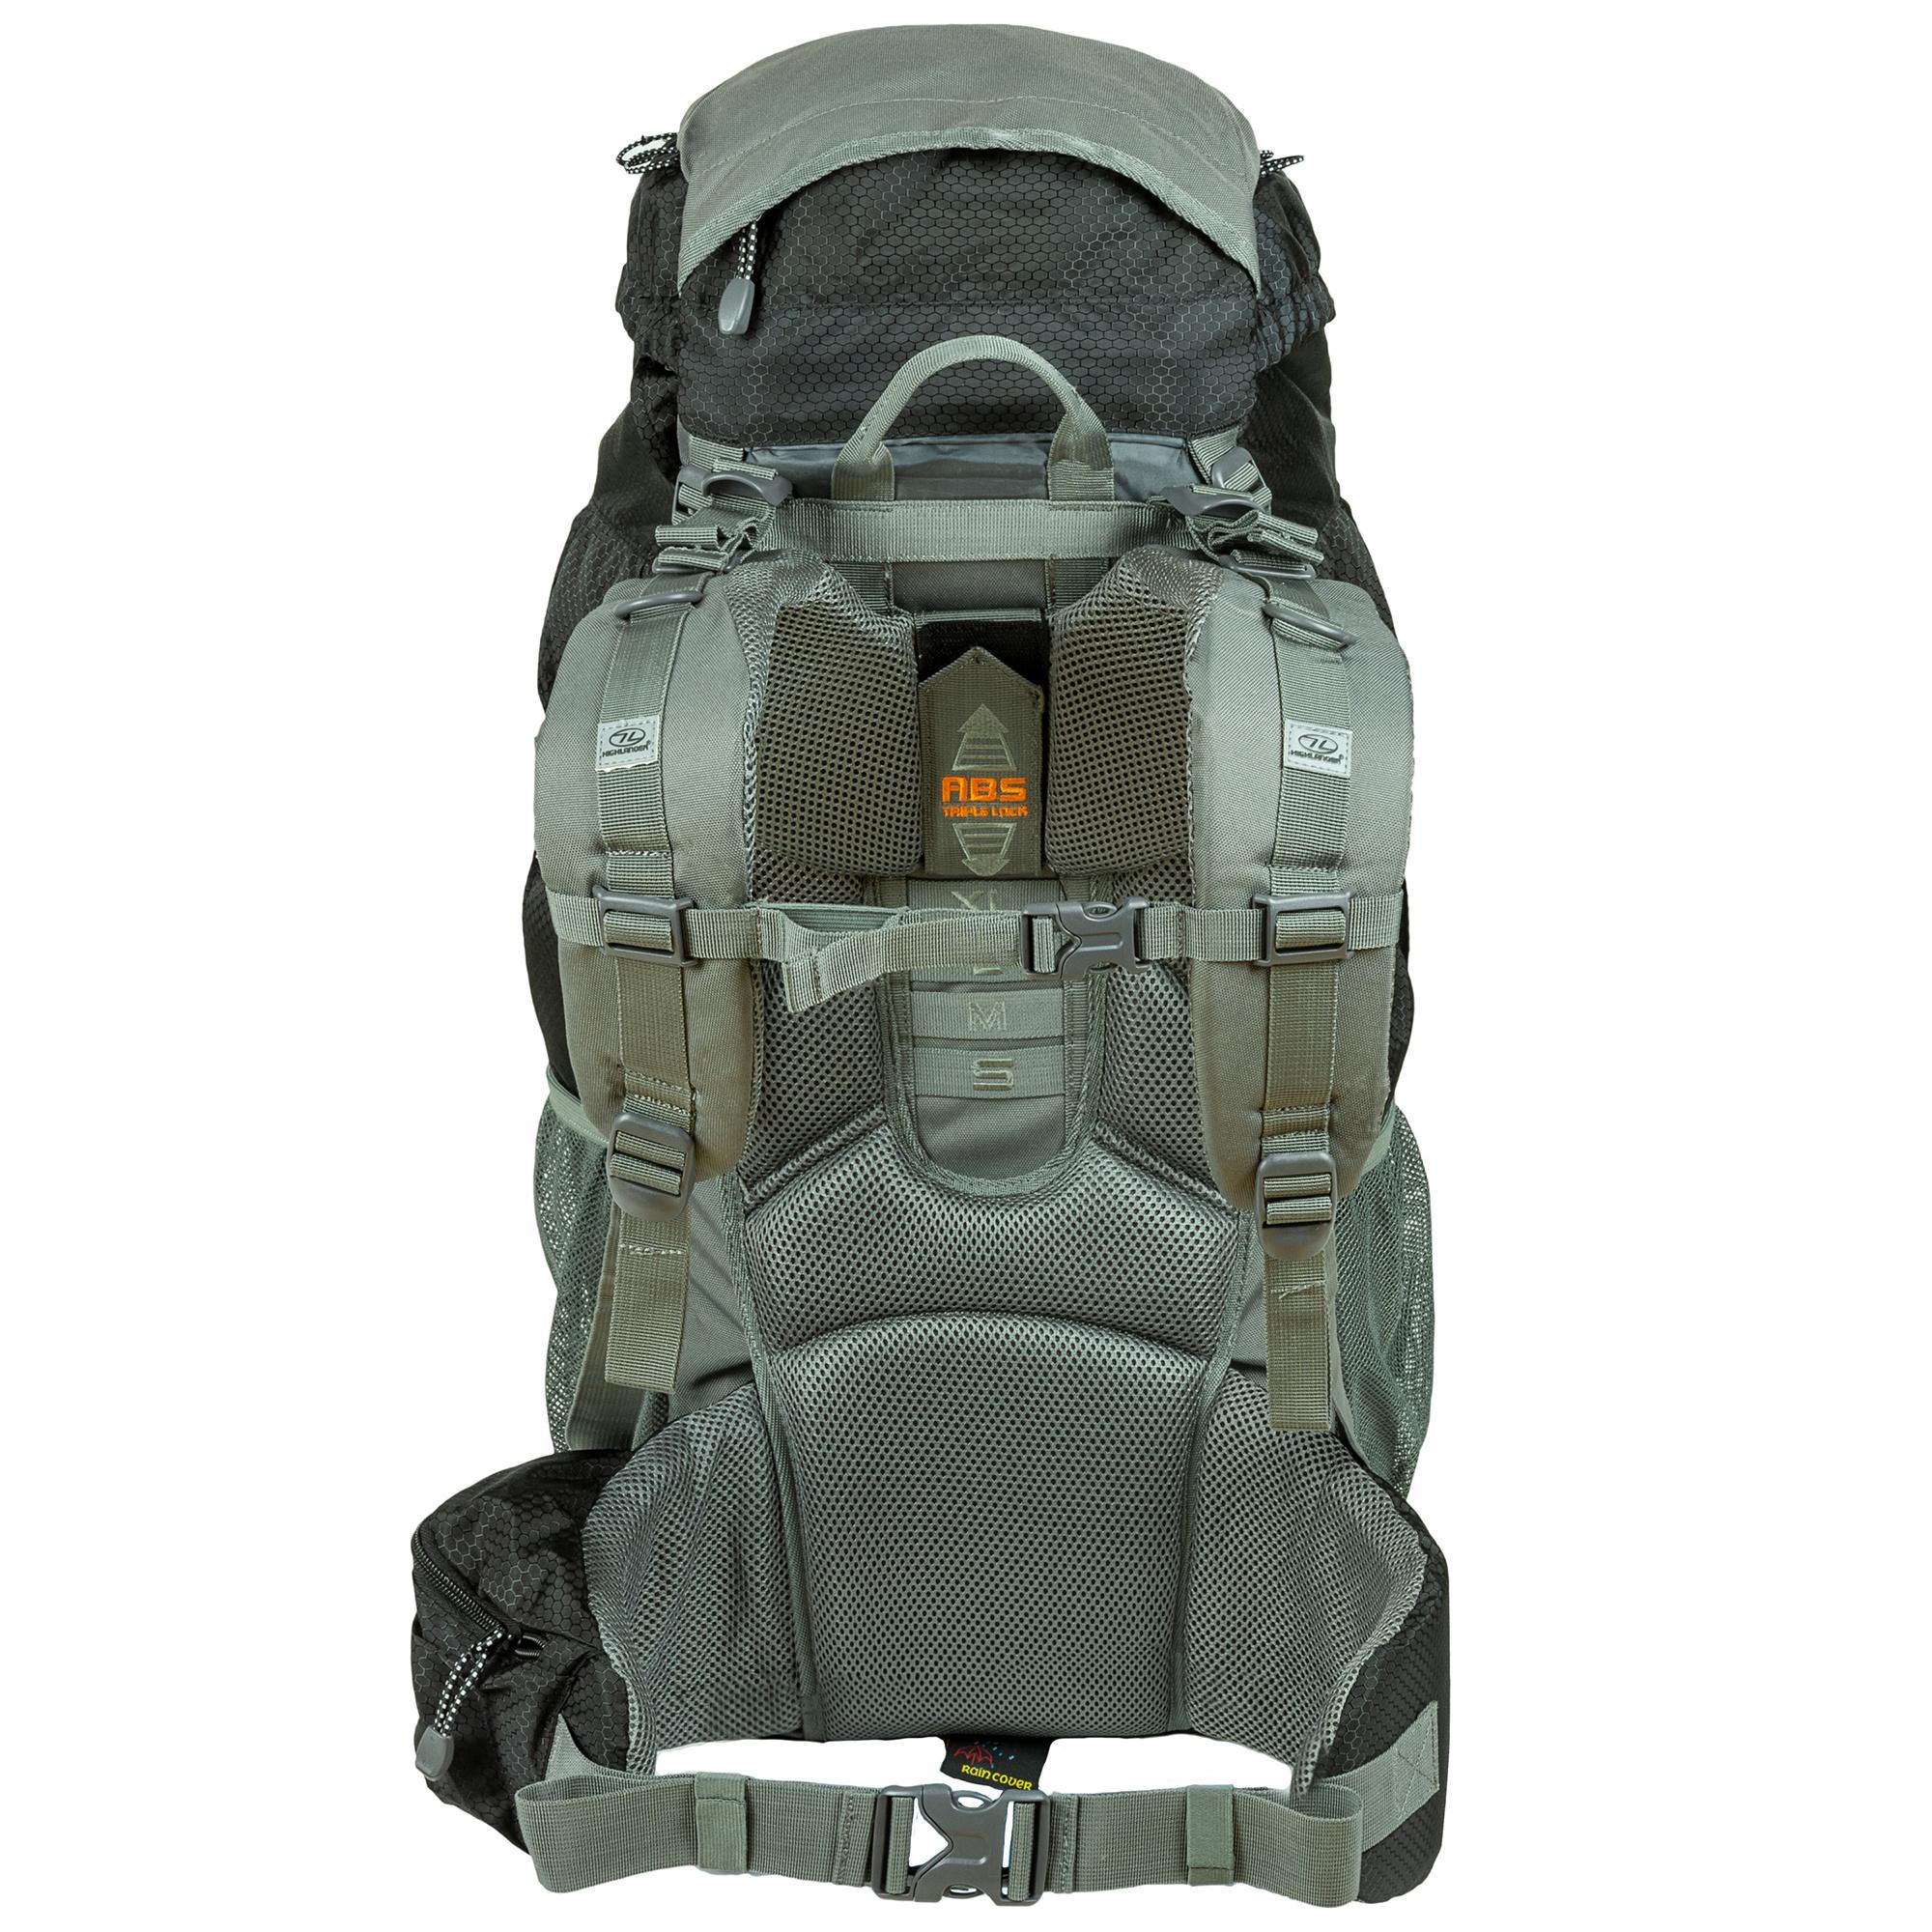 00f502da289 Highlander Discovery 65l backpack - zwart | Backpackspullen.nl